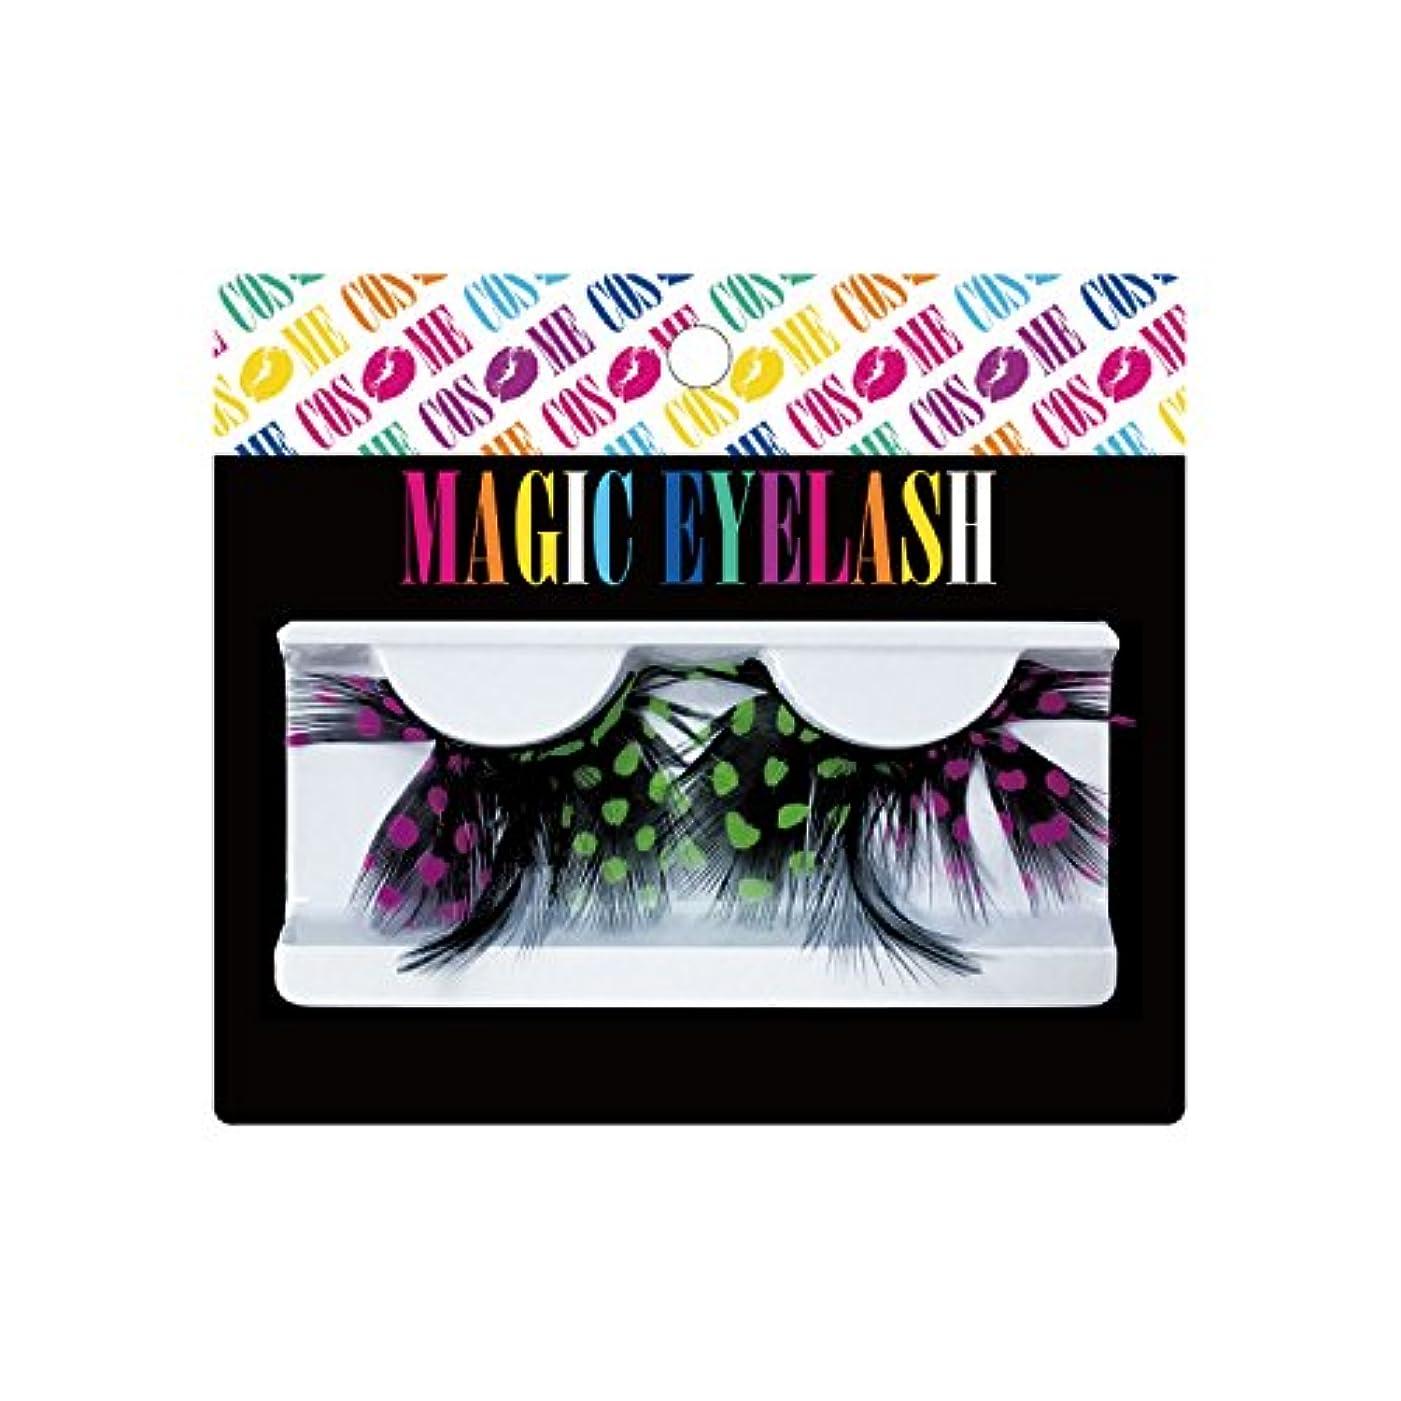 ジョグガム反毒ピュア つけまつげ MAGIC EYELASH マジック アイラッシュ #11